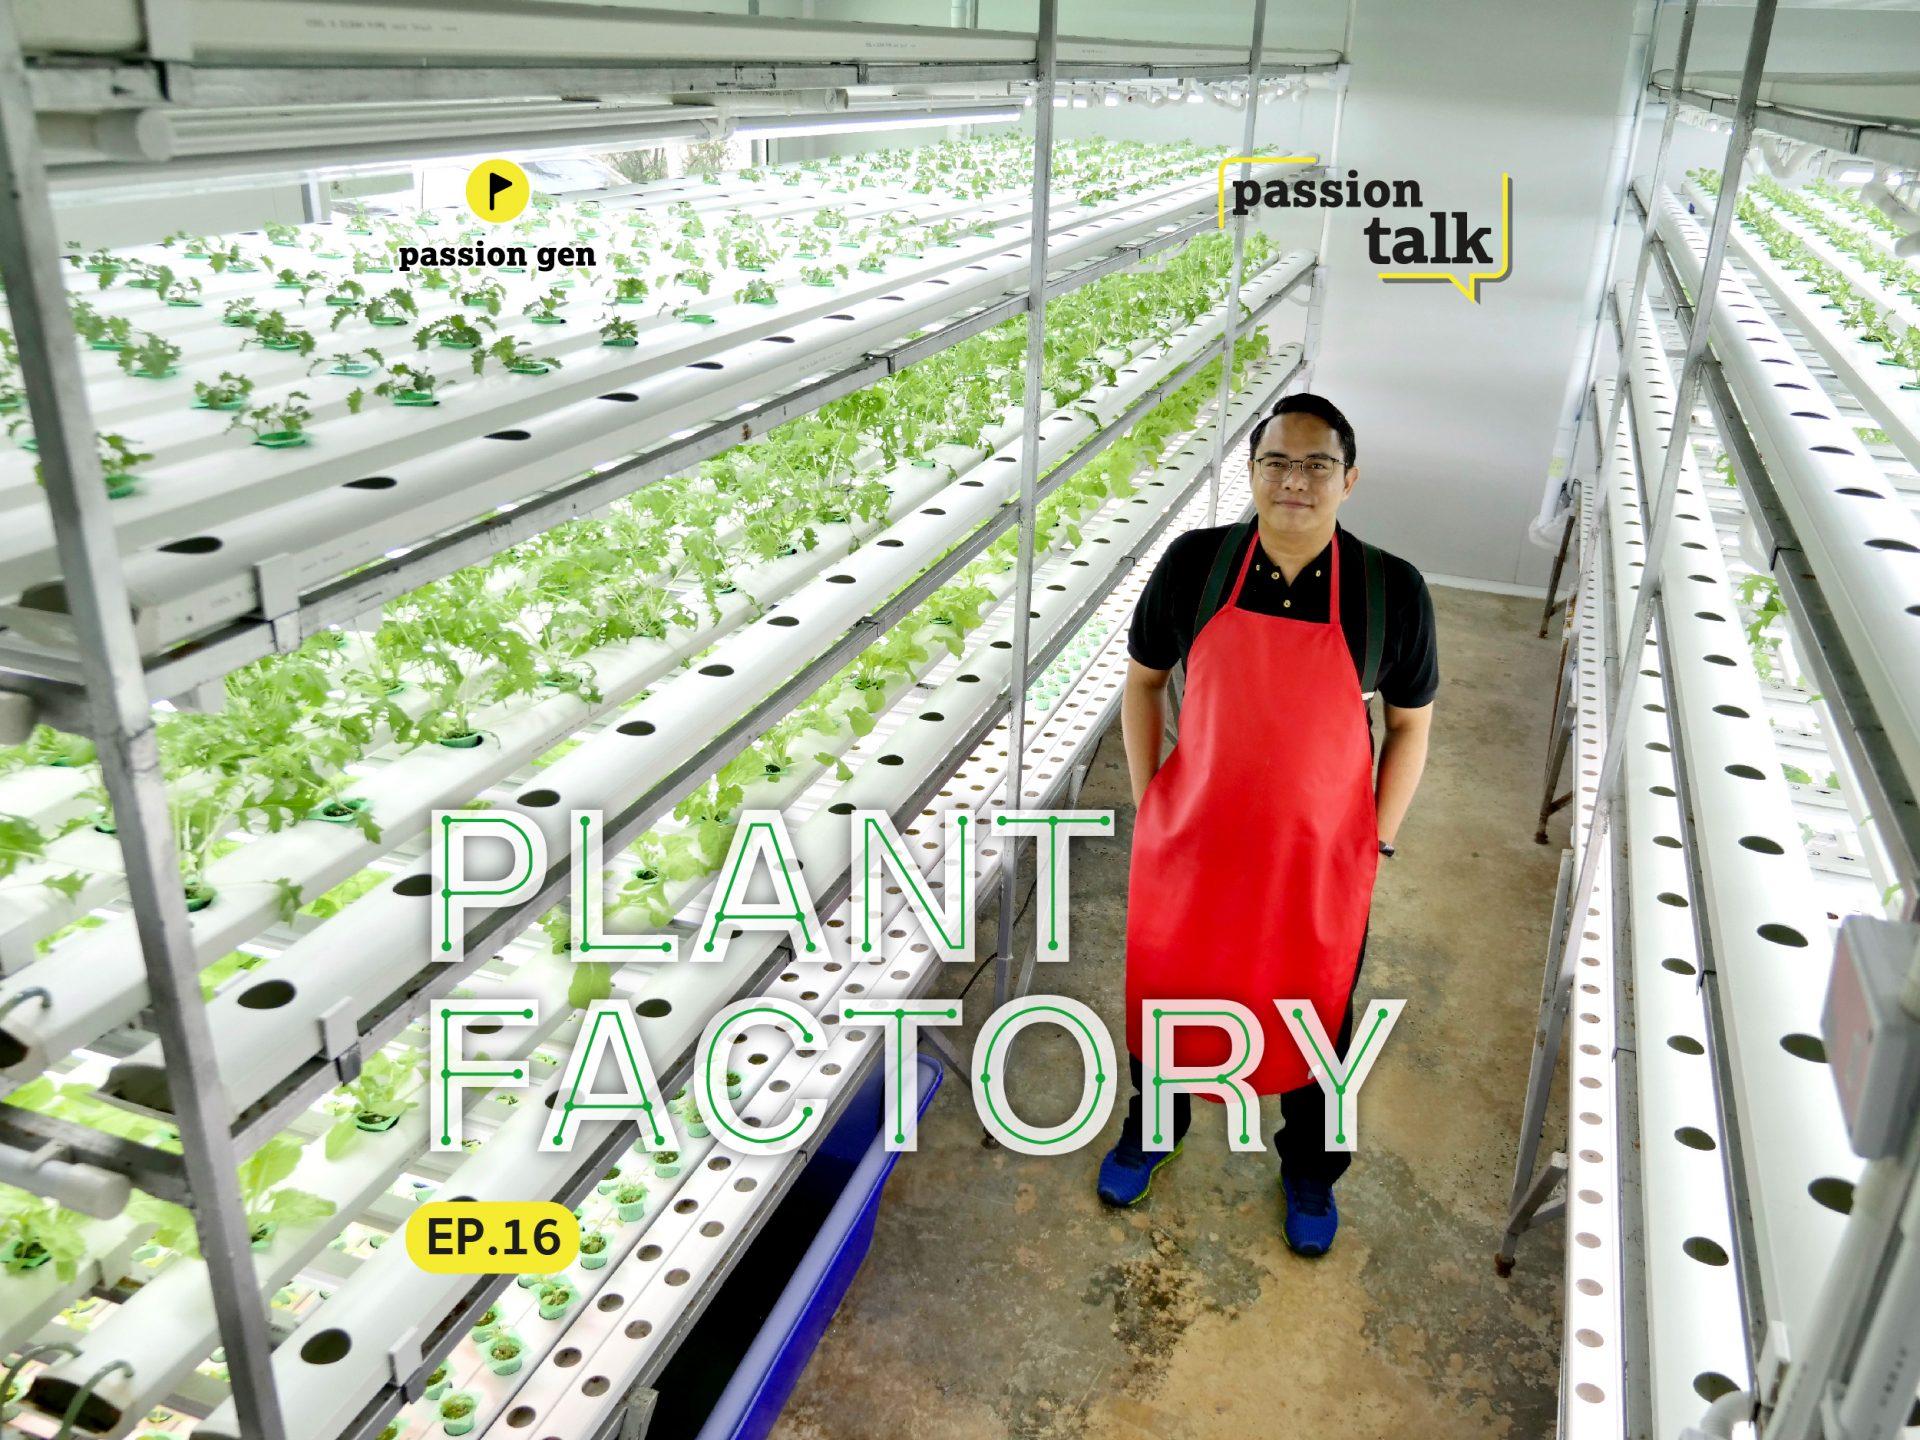 Plant factory ปลูกผักไฮโดรโปนิก ในพื้นที่น้อย